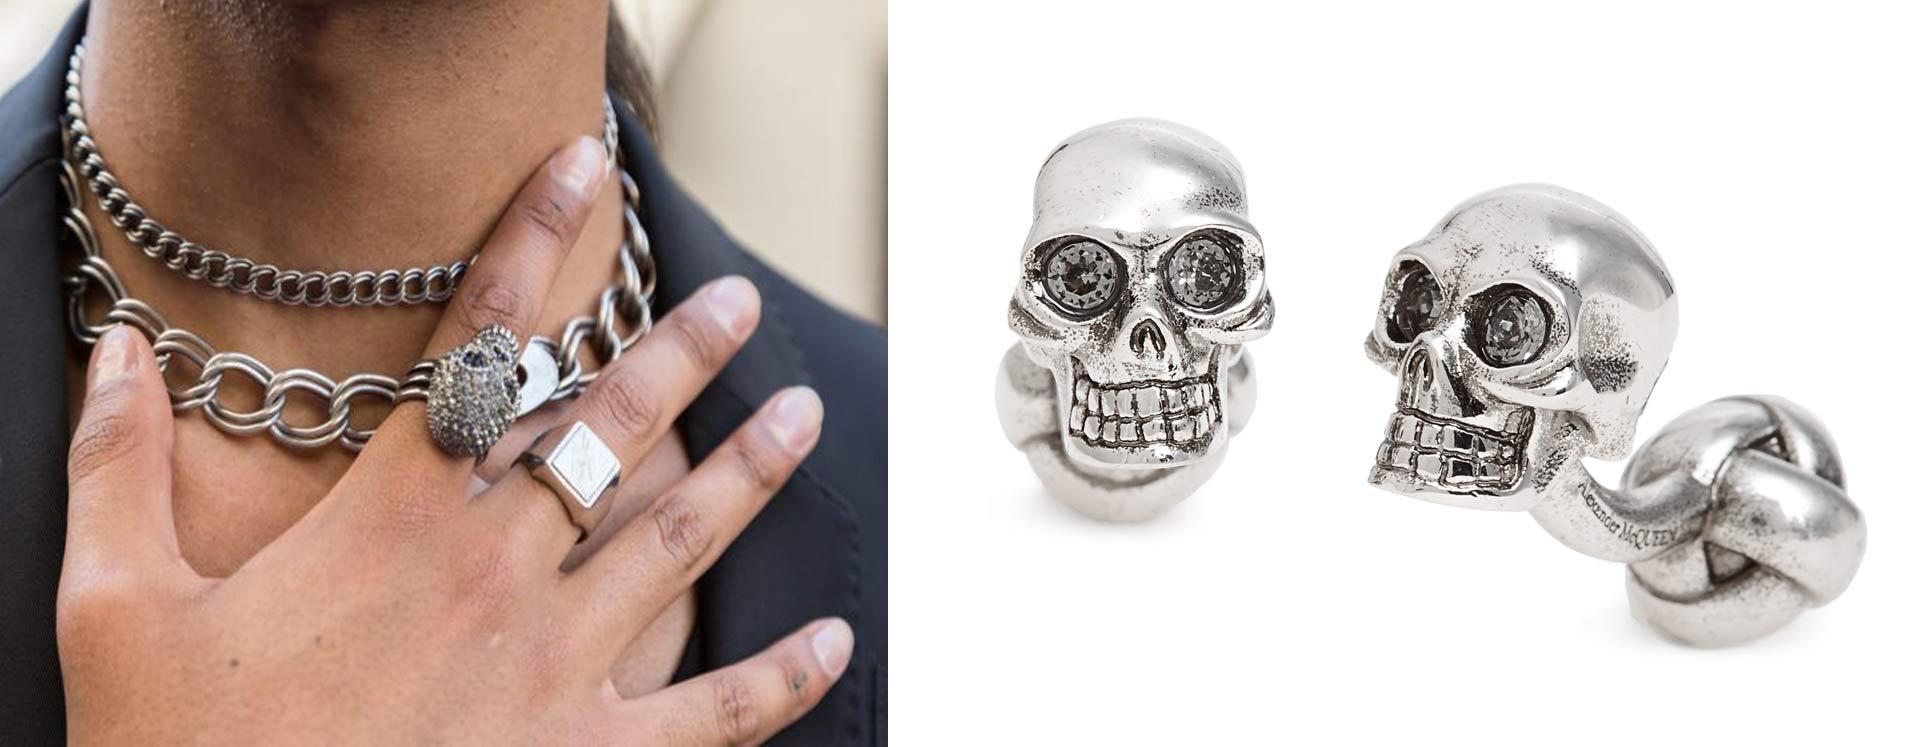 men's jewellery909 - برندهای لوکسی که موجب رونق جواهرات مردانه شده اند